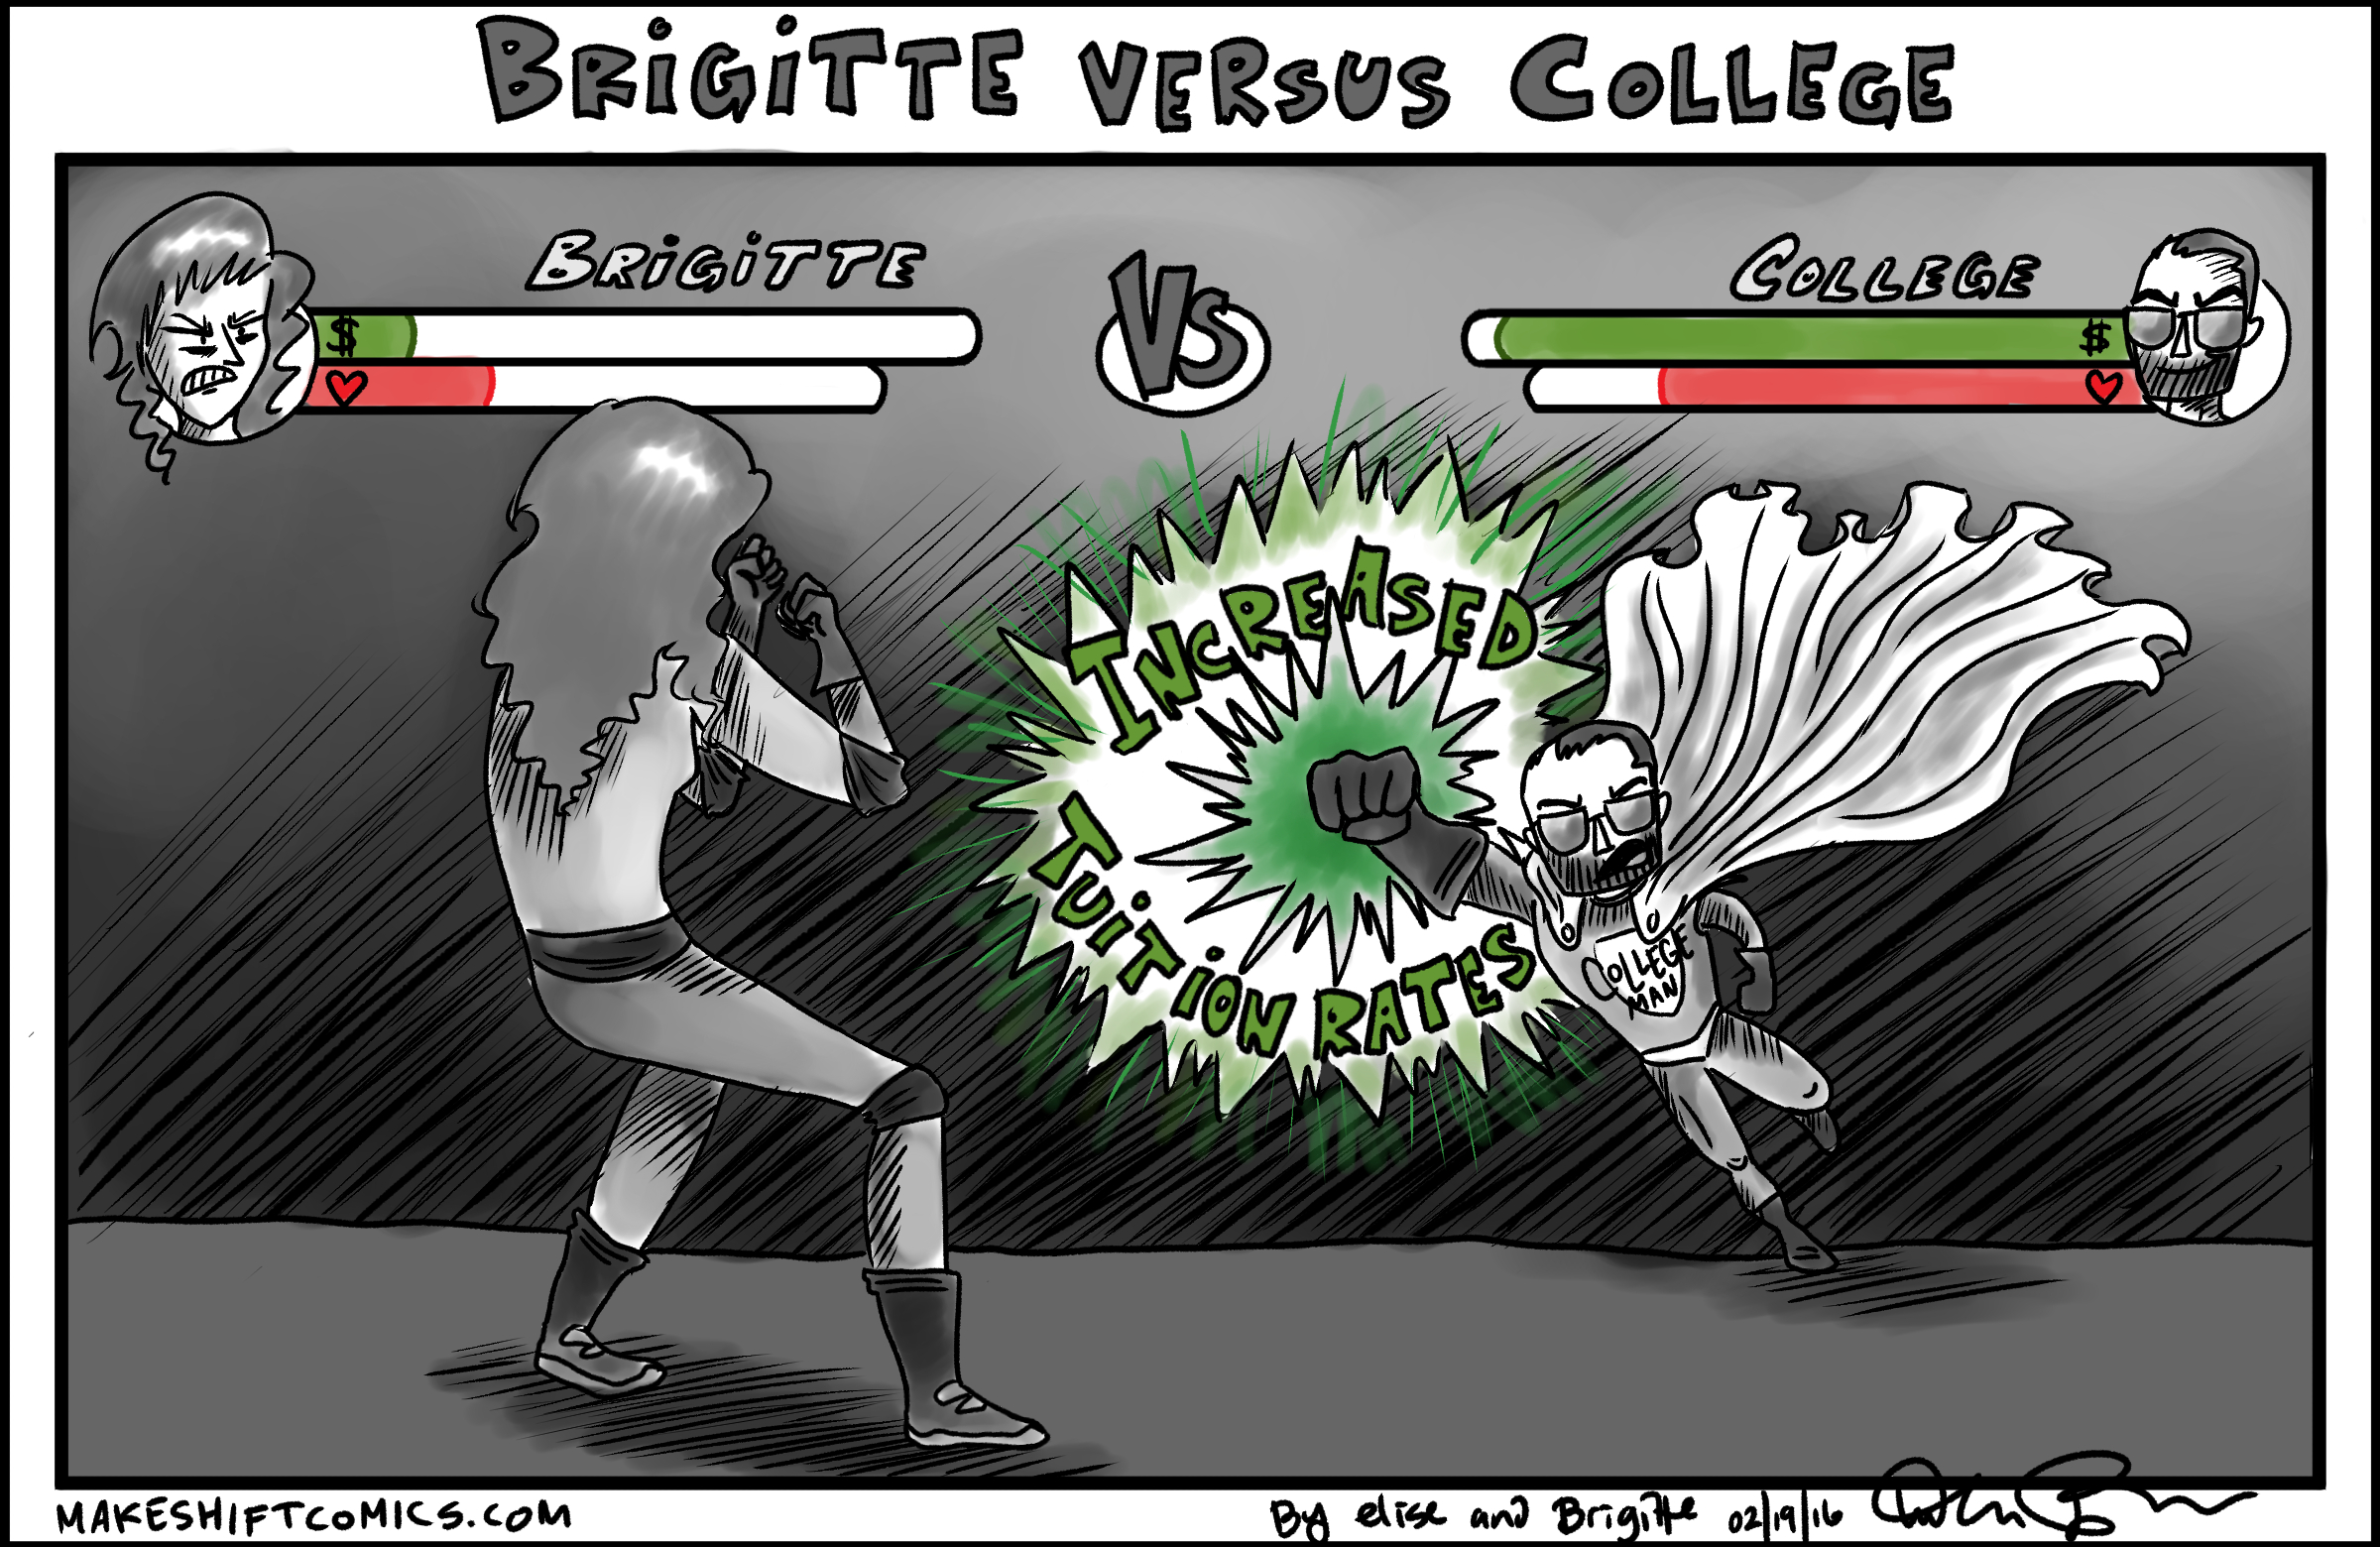 Brigitte Versus College